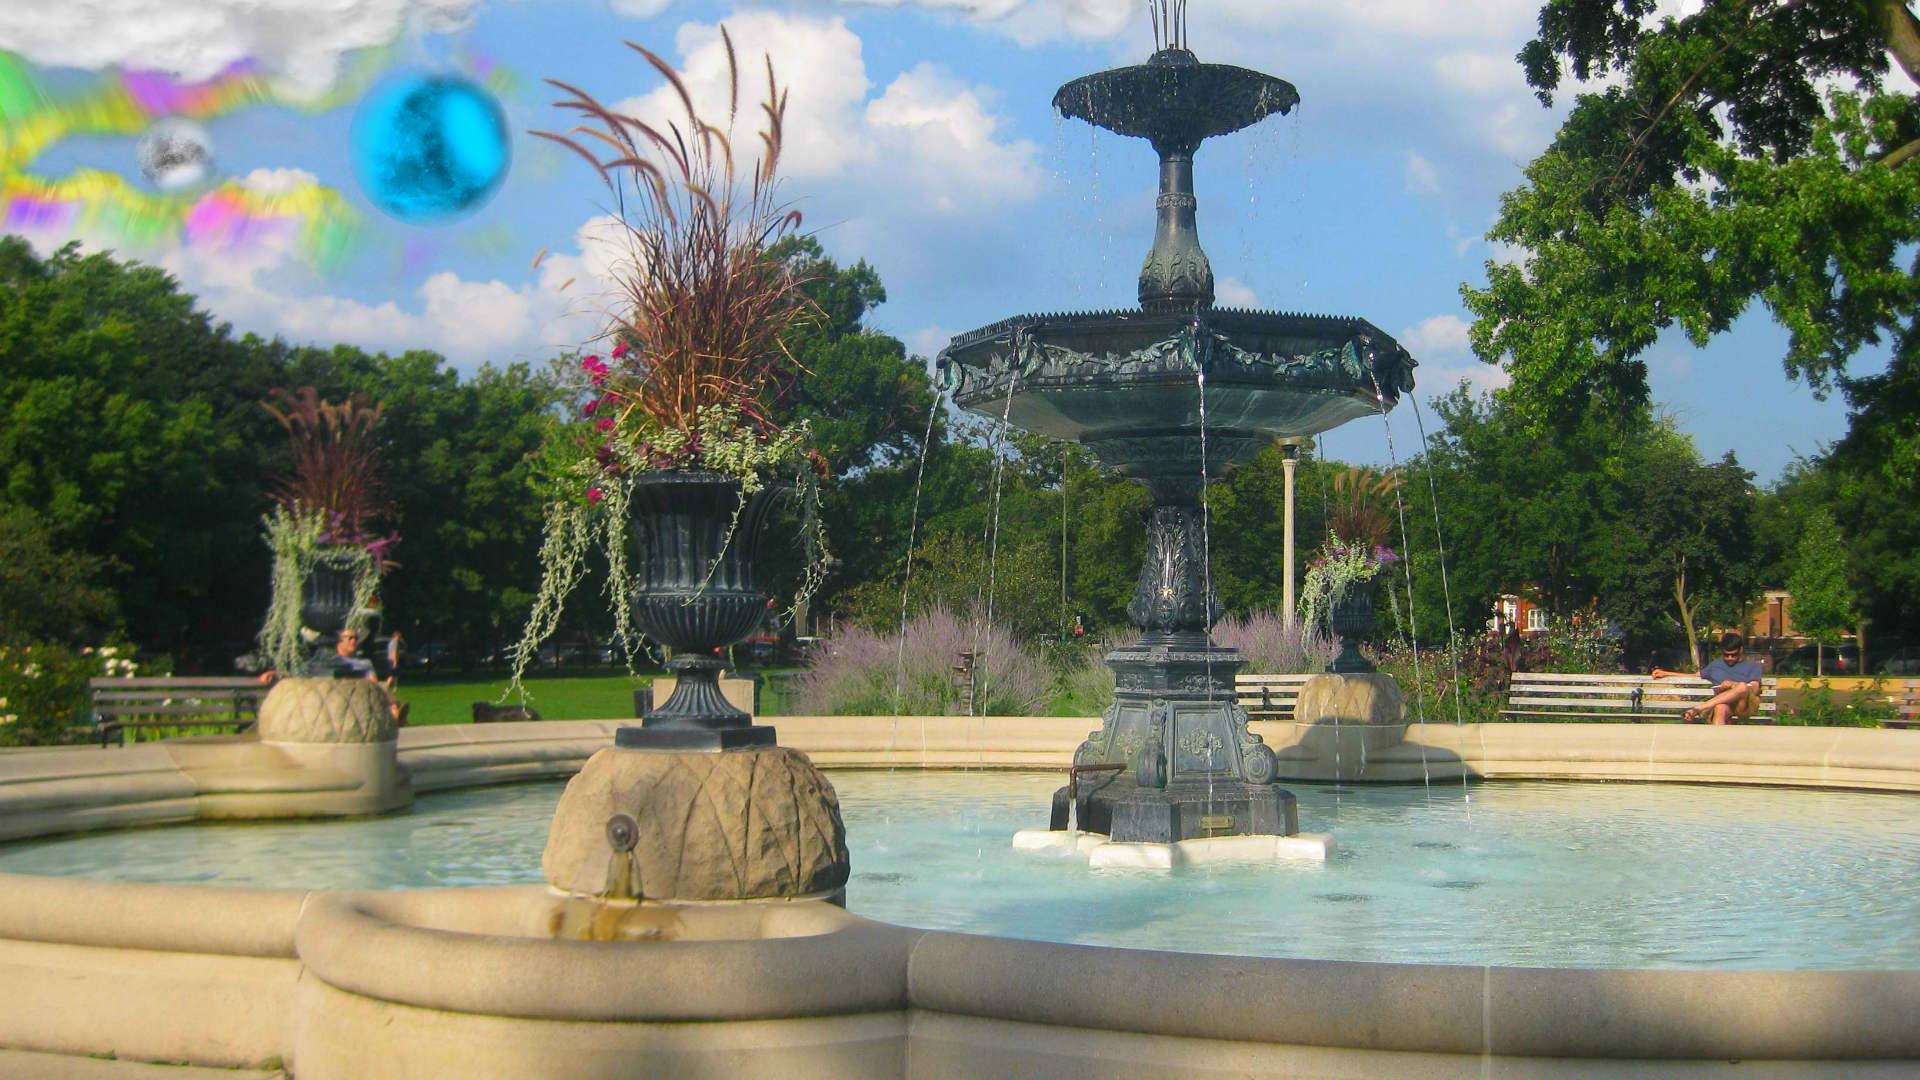 парк с фонтаном и волшебная луна. инквизиция в ссср. альтернативная реальность